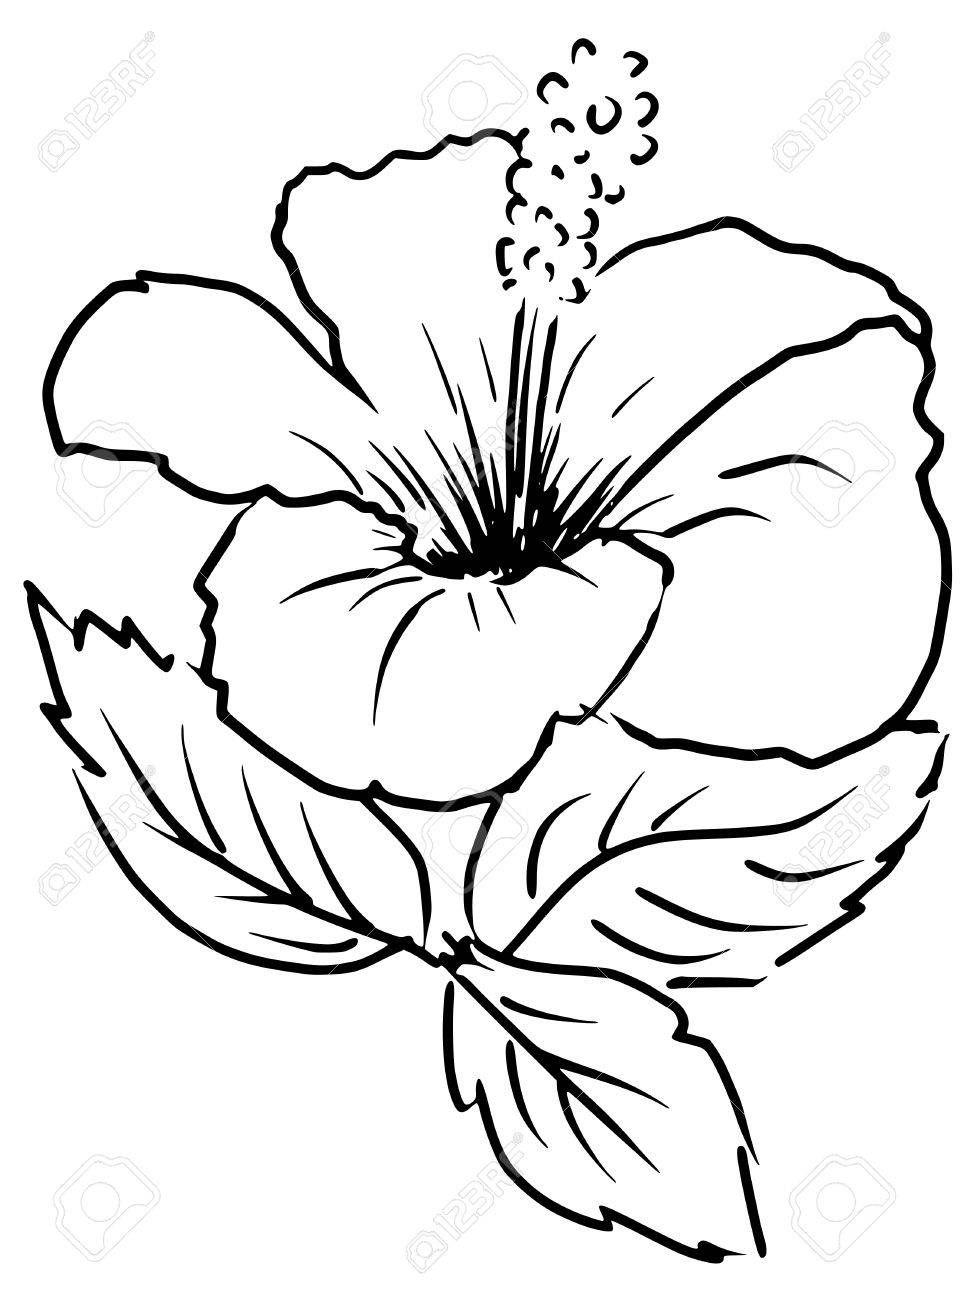 صور ورد للتلوين جهازة للطباعة لتنمية قدرات الأطفال بفبوف Flower Coloring Sheets Vector Flowers Vector Background Pattern